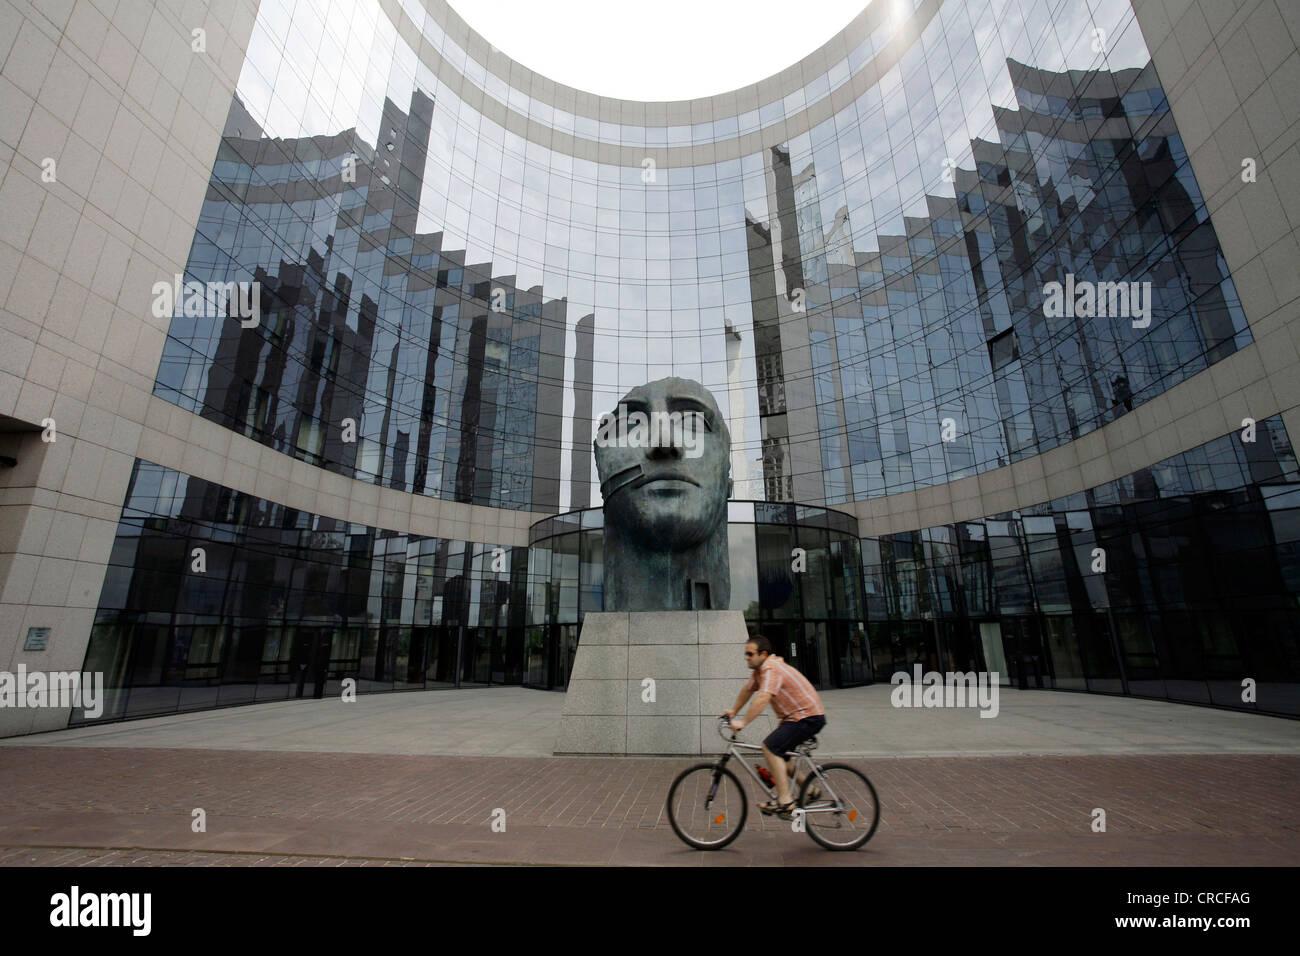 Immeuble de bureaux de kpmg buste la defense paris ile de france